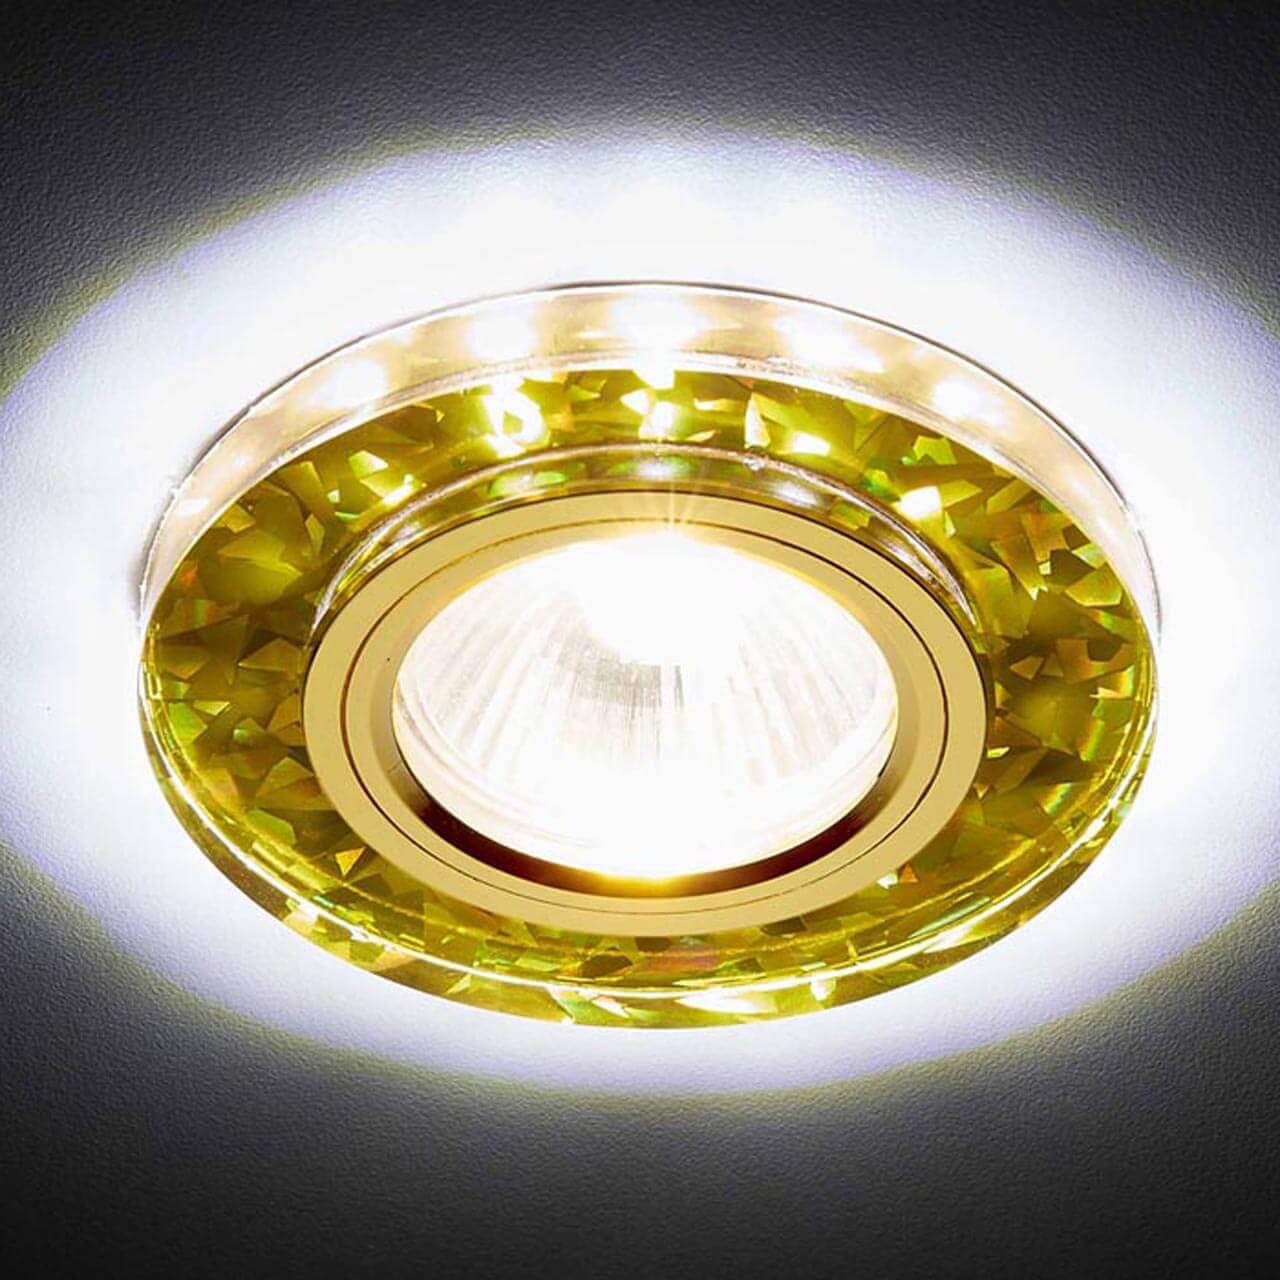 Встраиваемый светодиодный светильник Ambrella light Led S225 WH/G/WH elvan точечный светильник elvan sd 8016 g wh